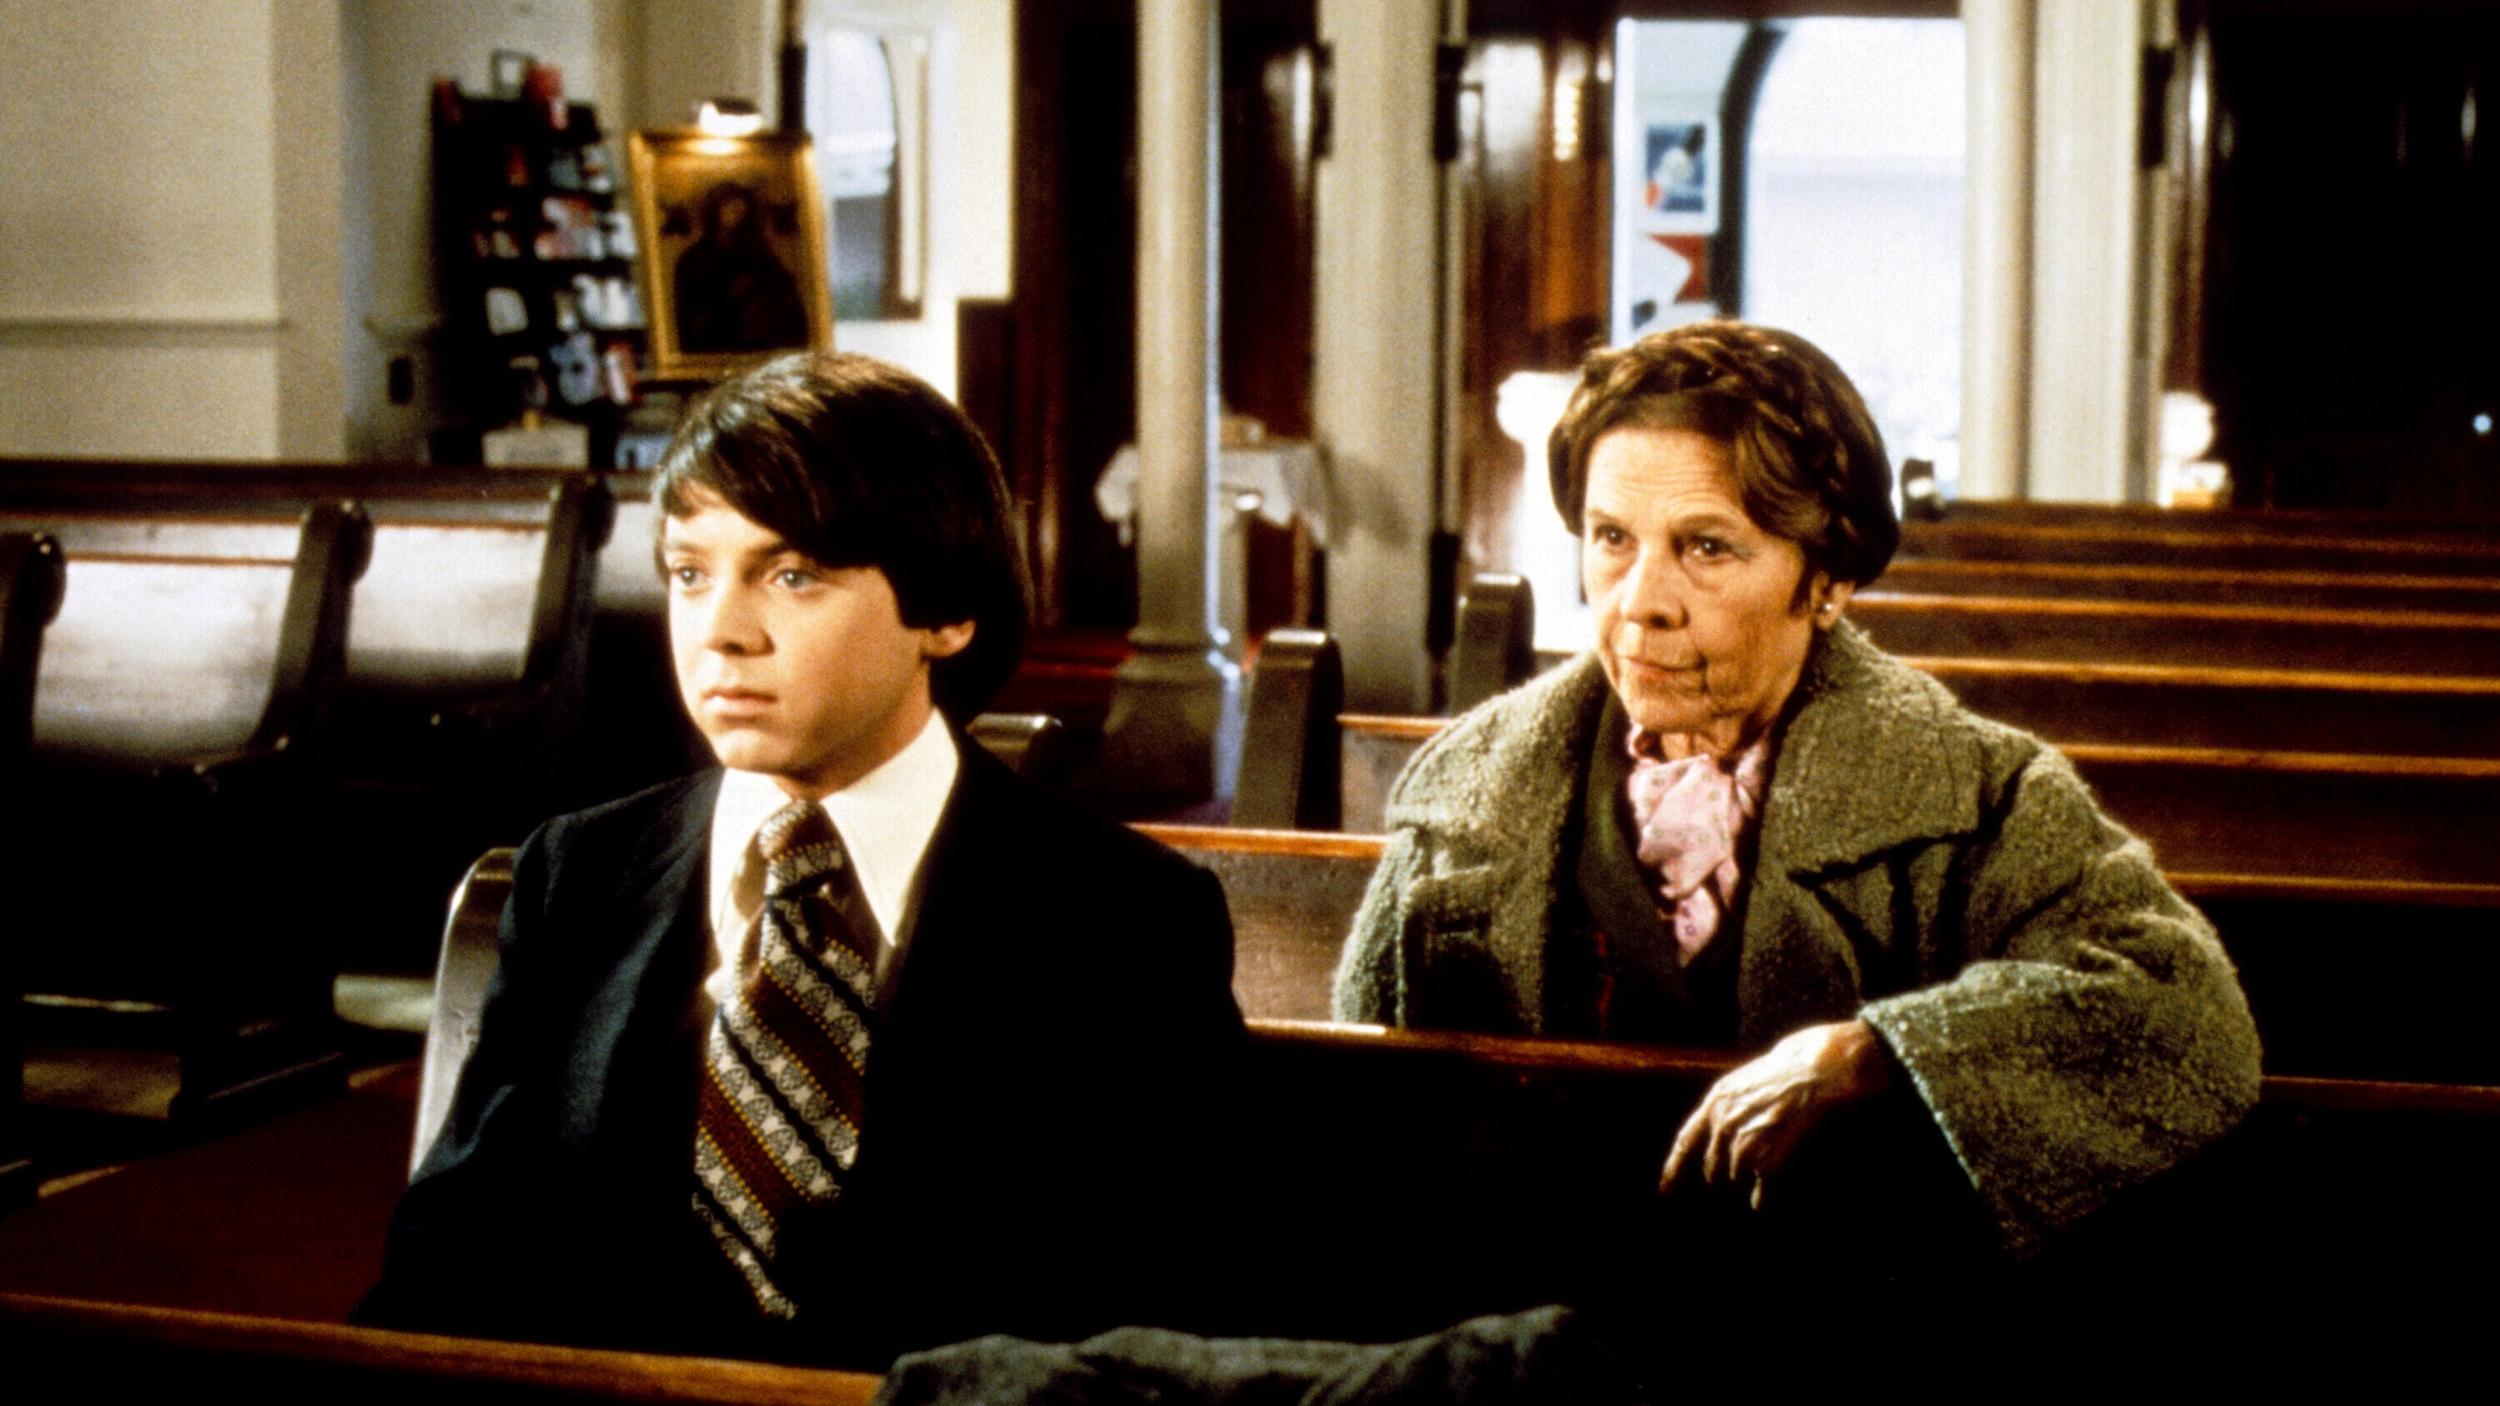 #19) Harold and Maude - (1971 - dir. Hal Ashby)